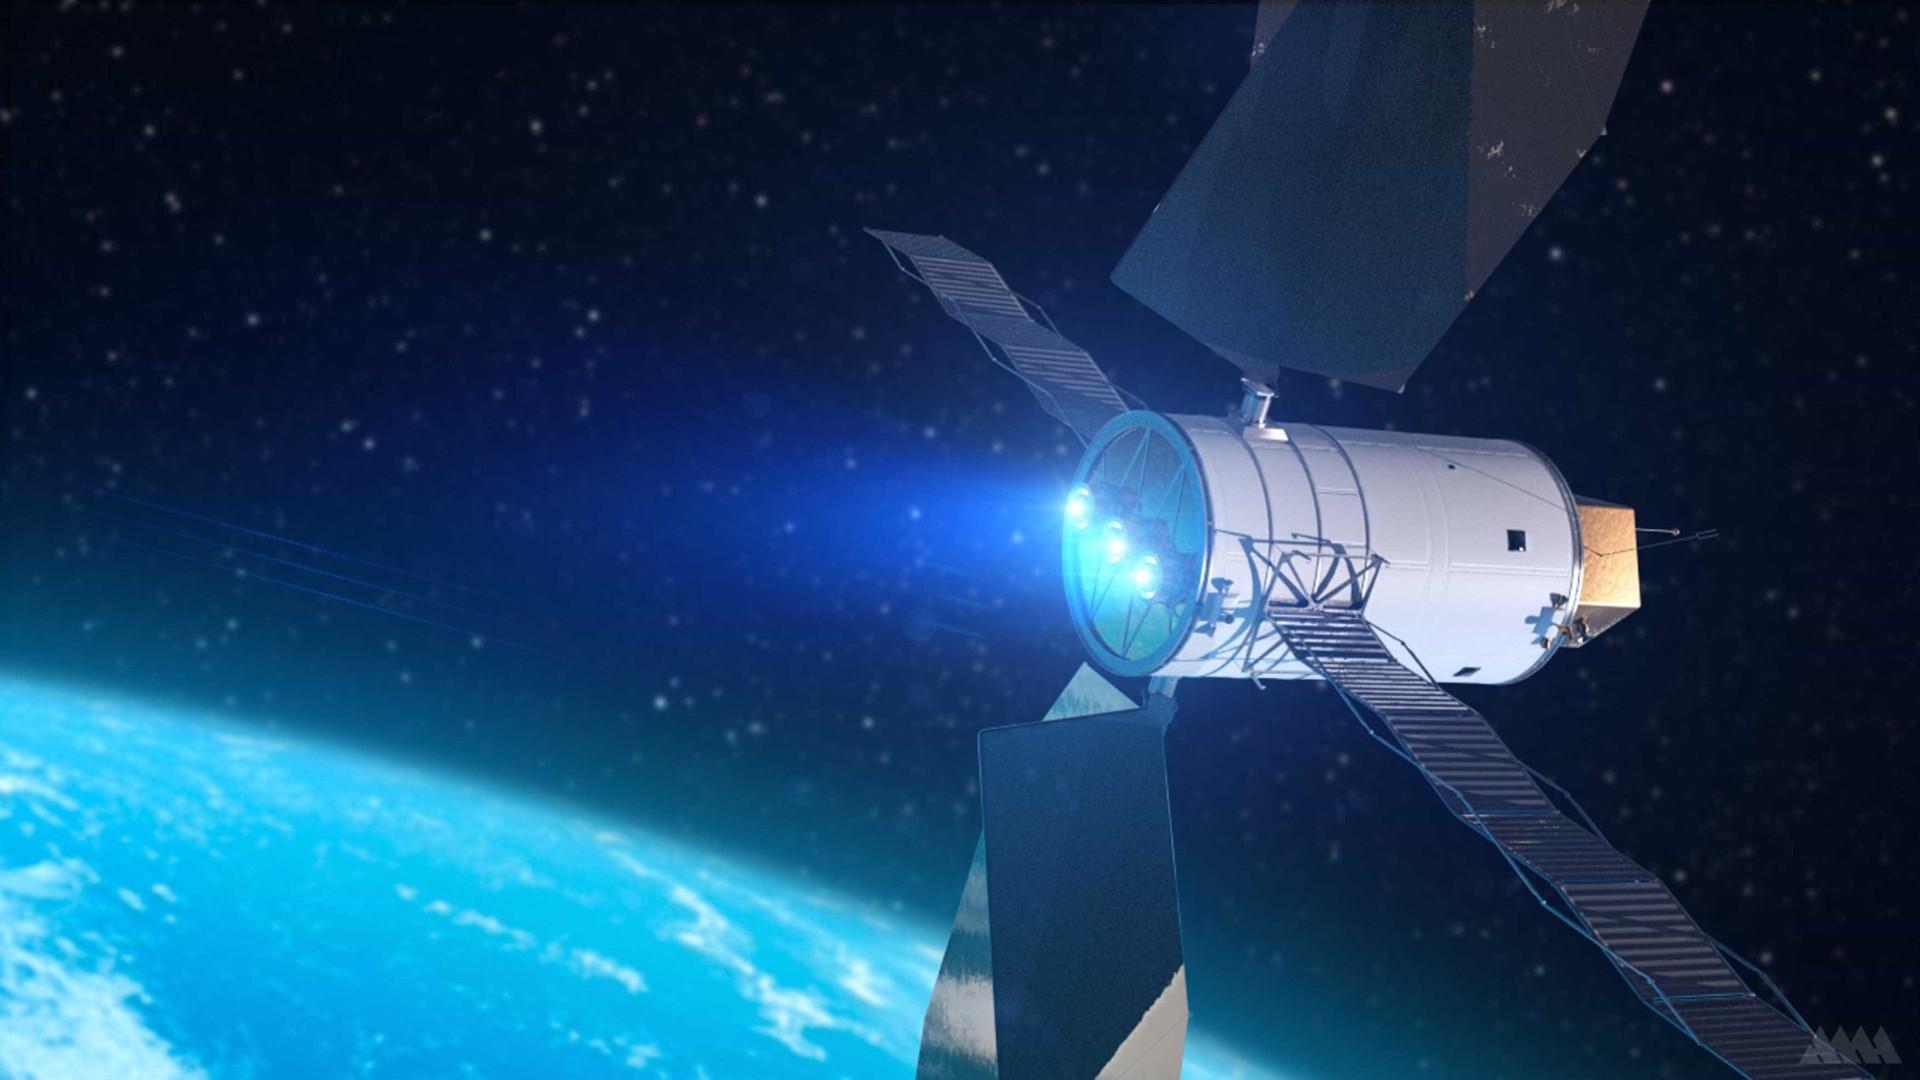 Astrônomos acham material parecido com ozônio em 'Júpiter quente'